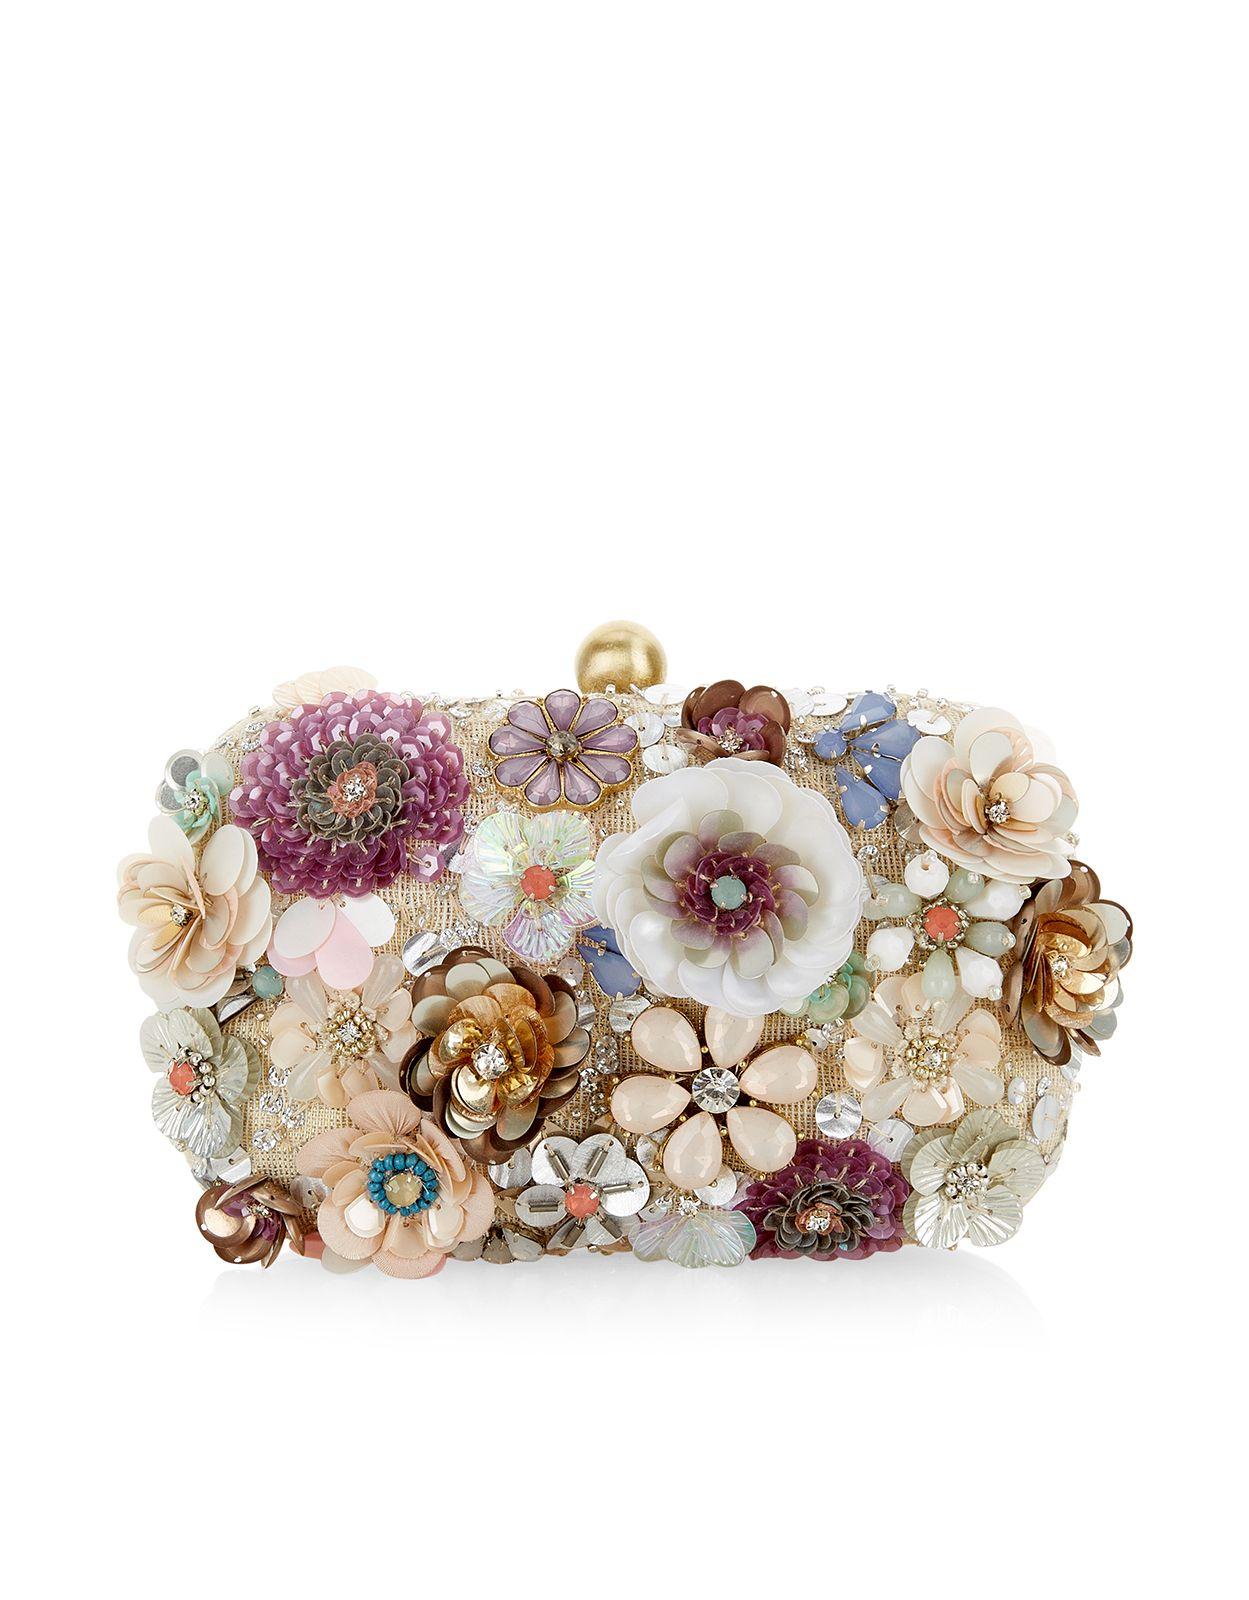 d3012eb289d9 Summer Floral 3D Hardcase Clutch Bag